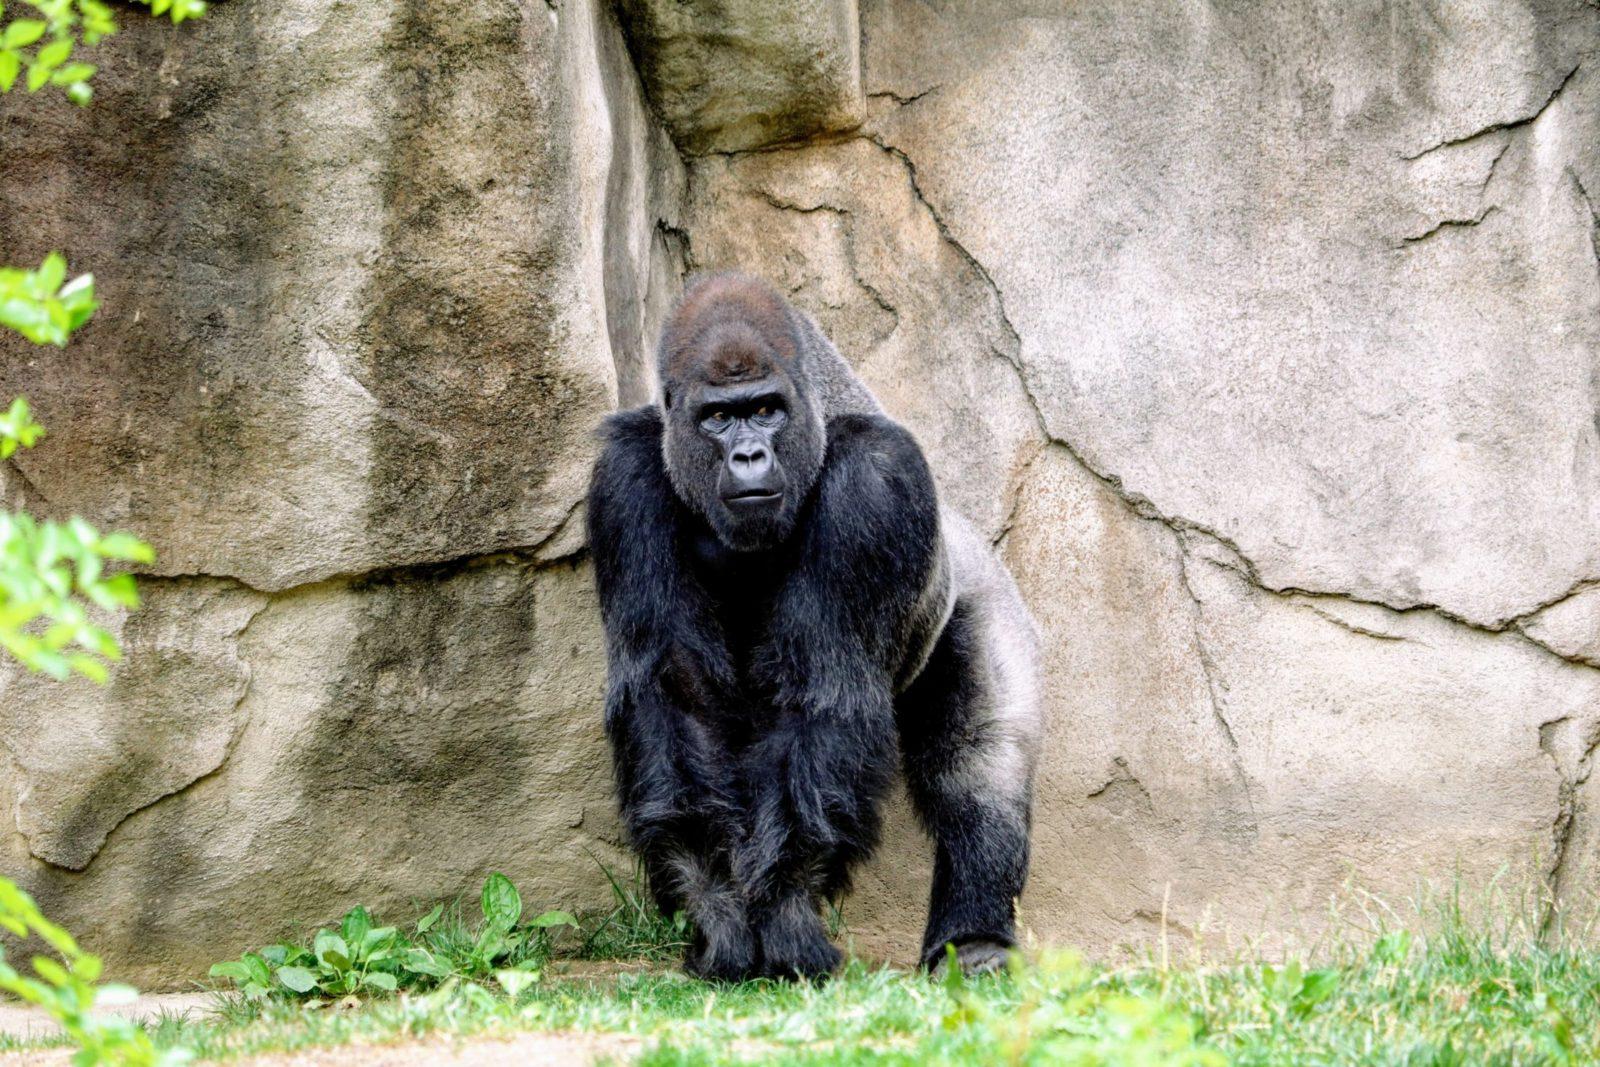 Sonhar com gorila de estimação é sinal de preocupações.